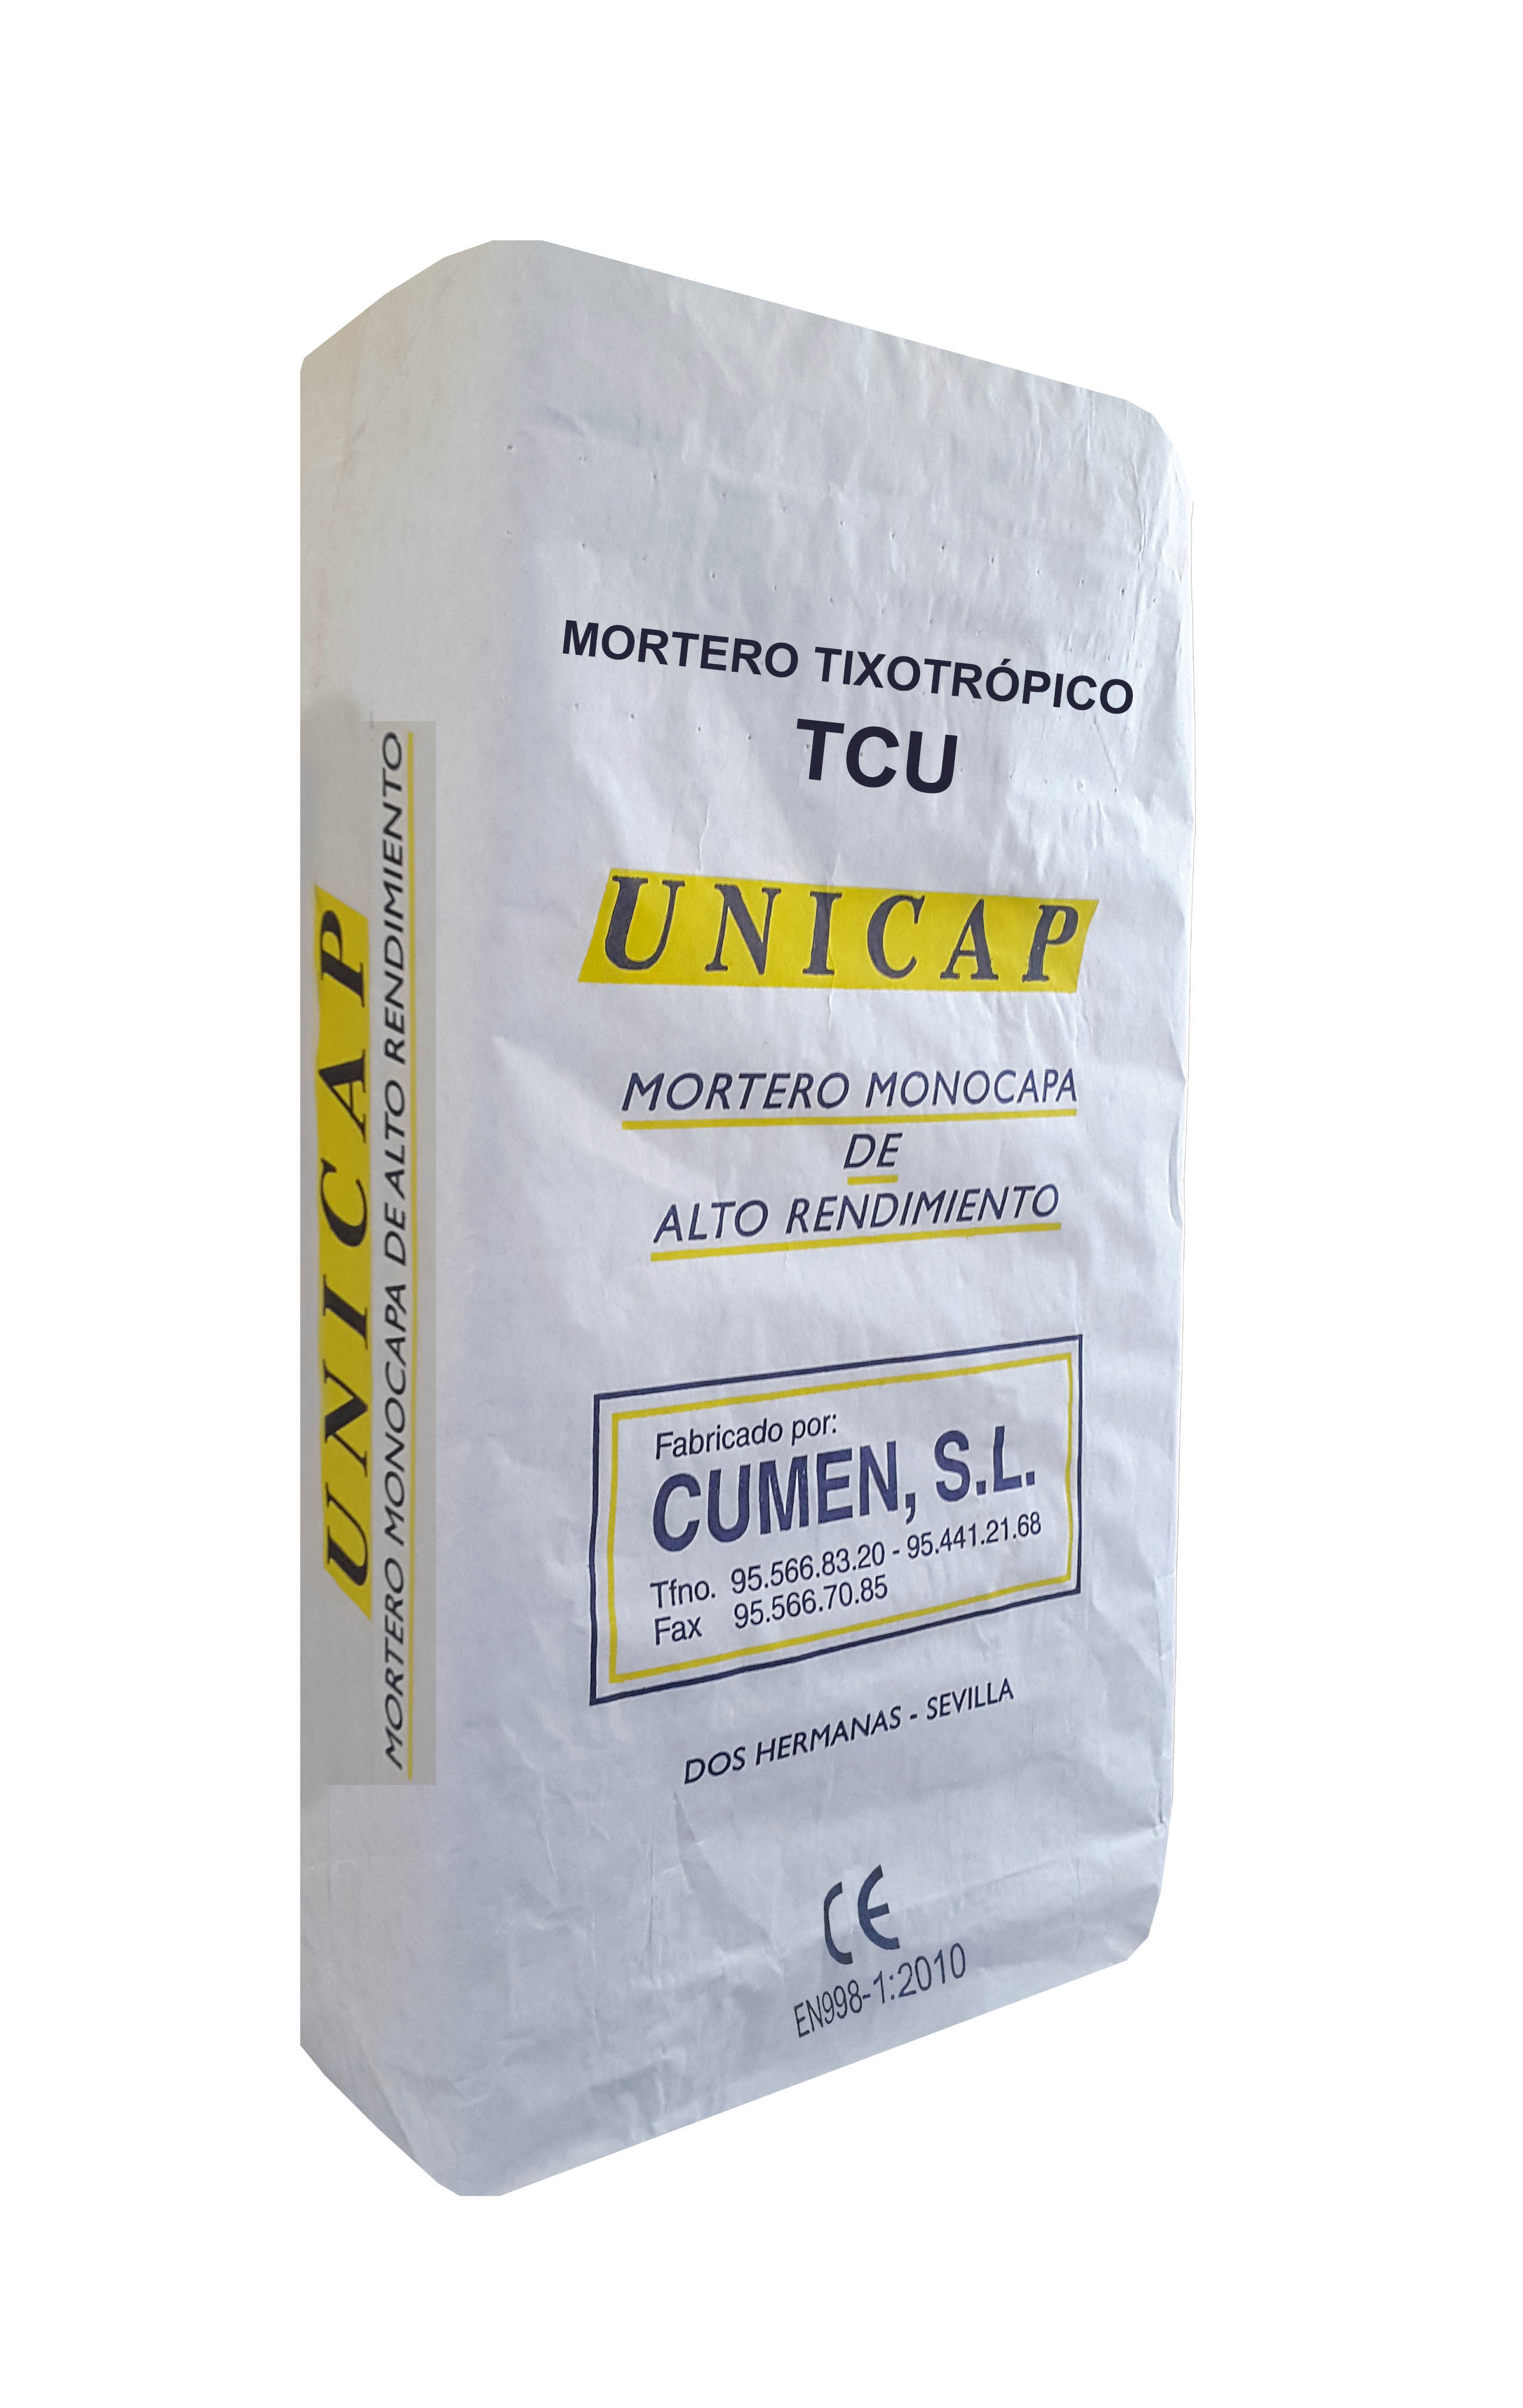 Material Mortero tixotrópico. TCU